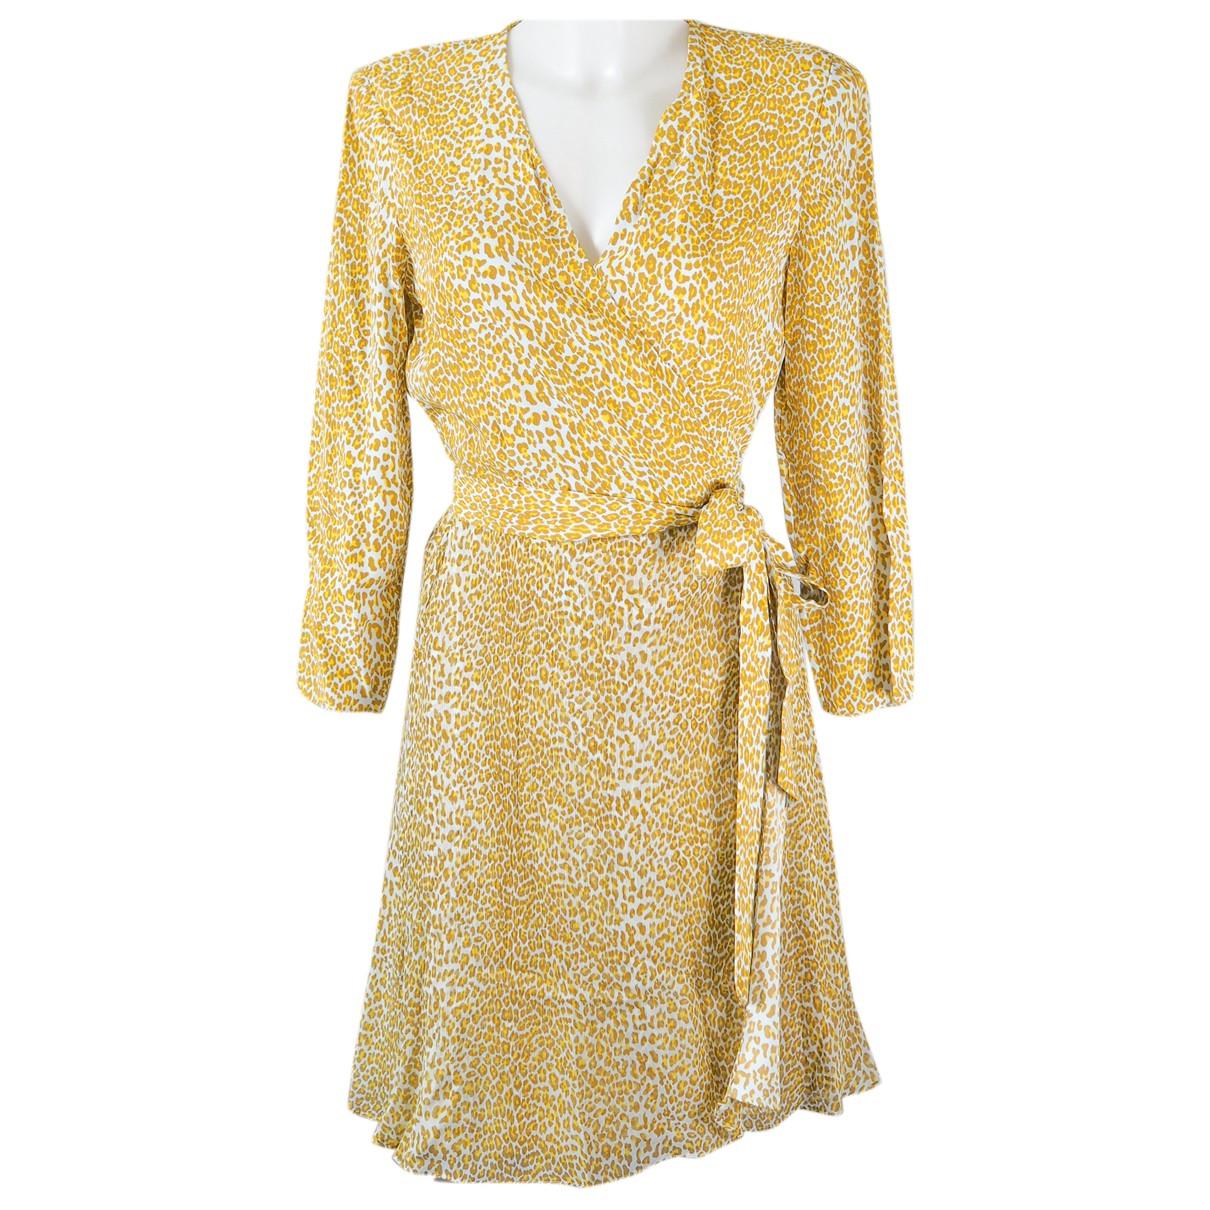 Diane Von Furstenberg N Yellow dress for Women M International